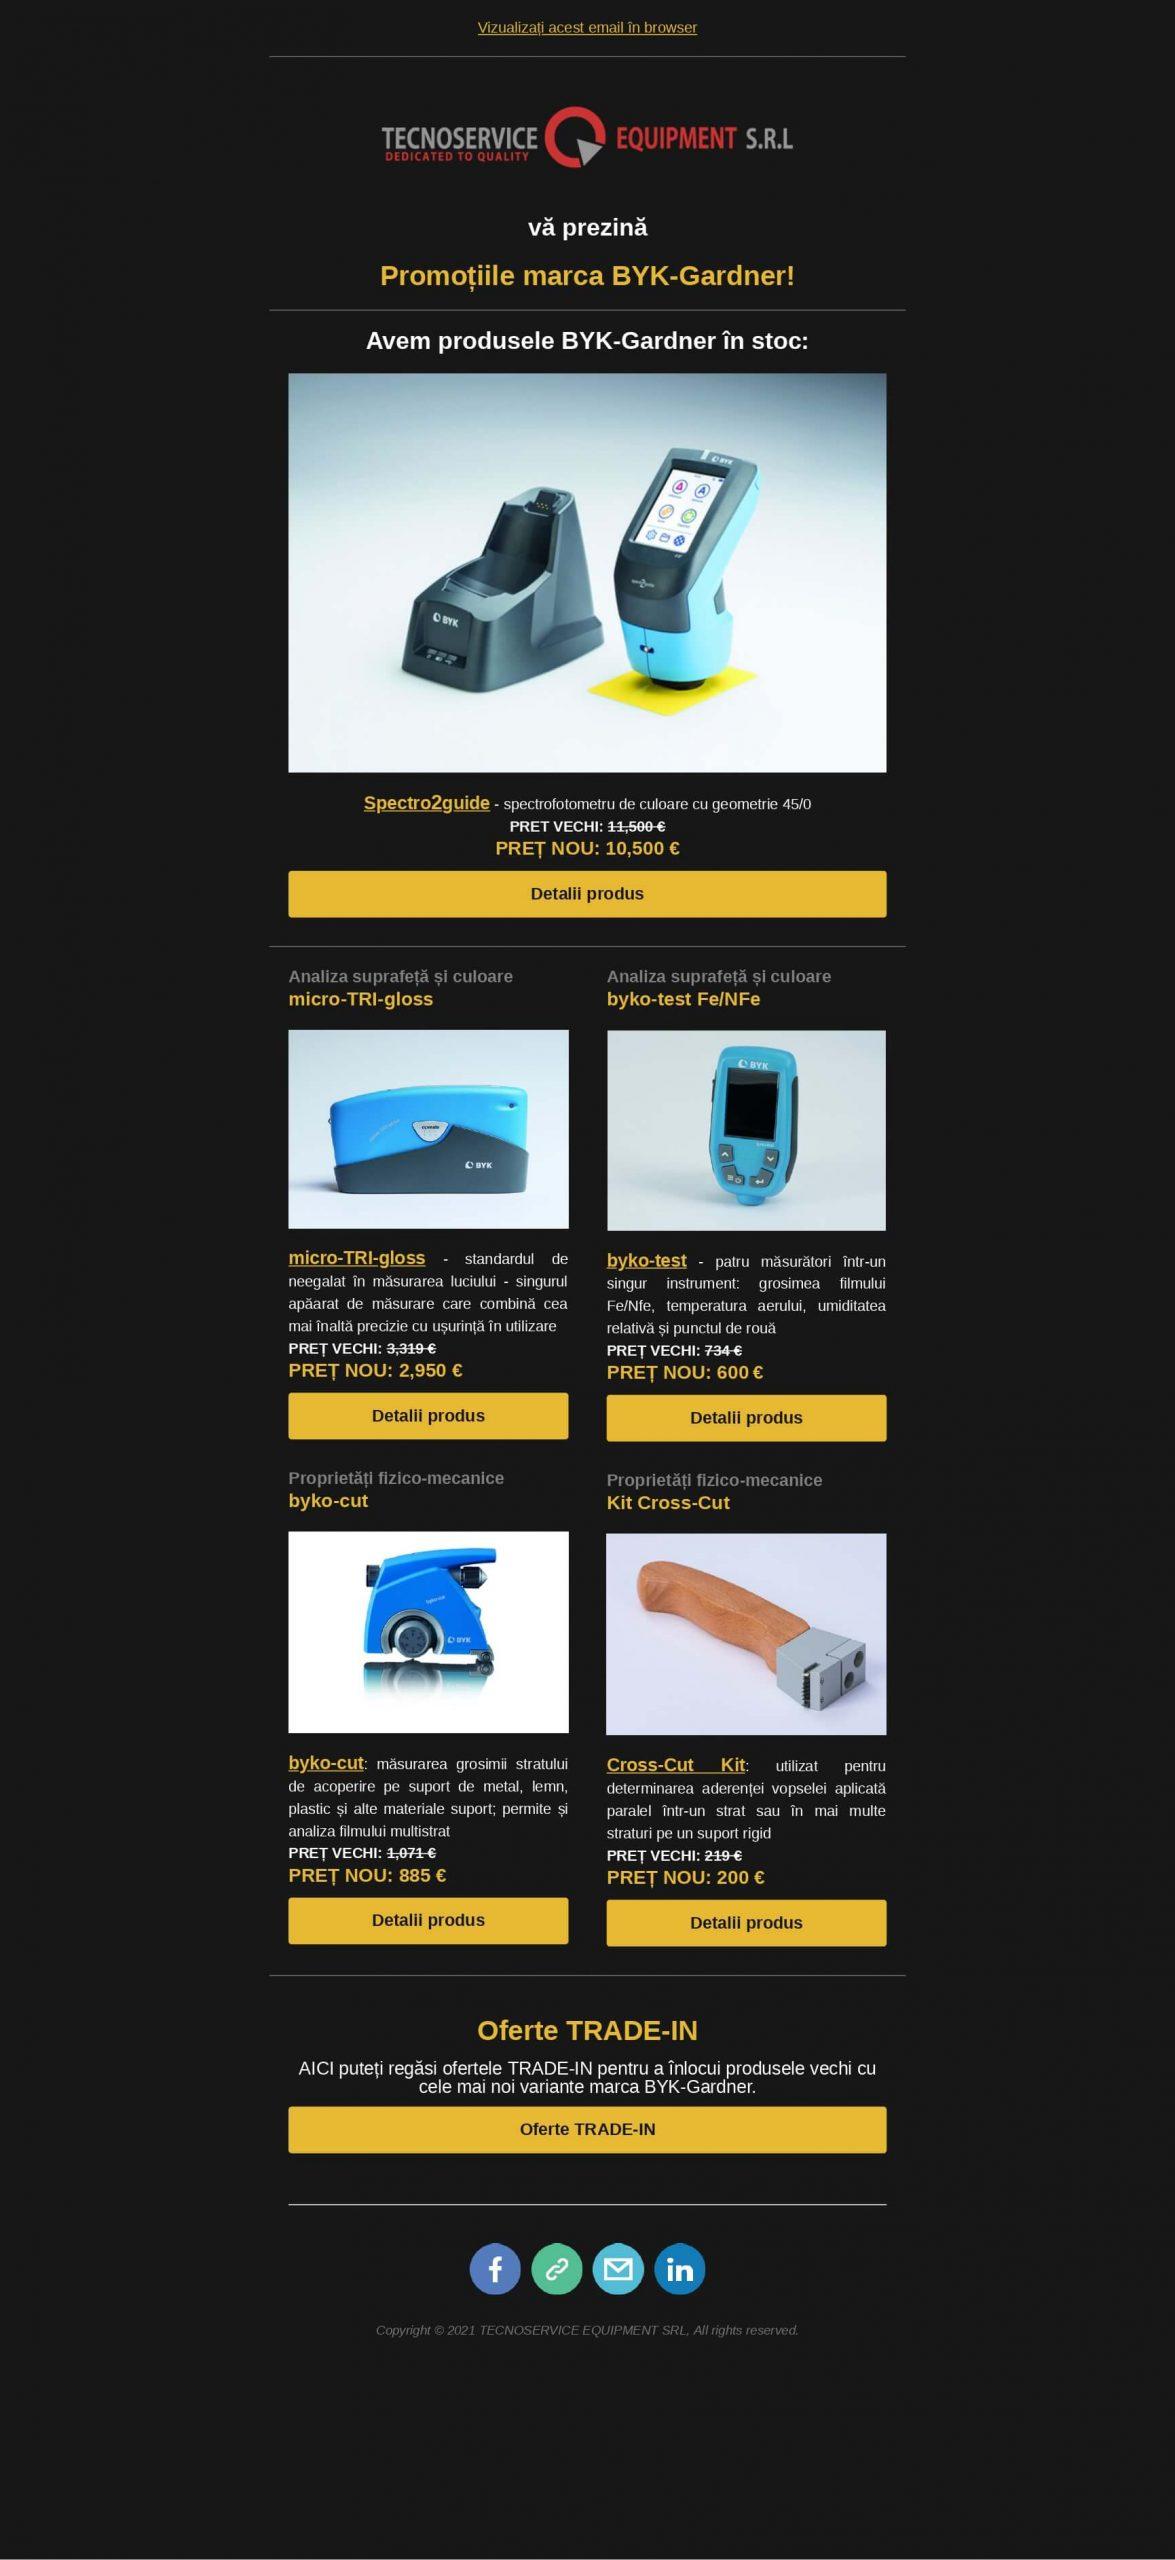 Promotii articole BYK avem in stoc masurare culoare luciu suprafete proprietati fizico-mecanice instrumente